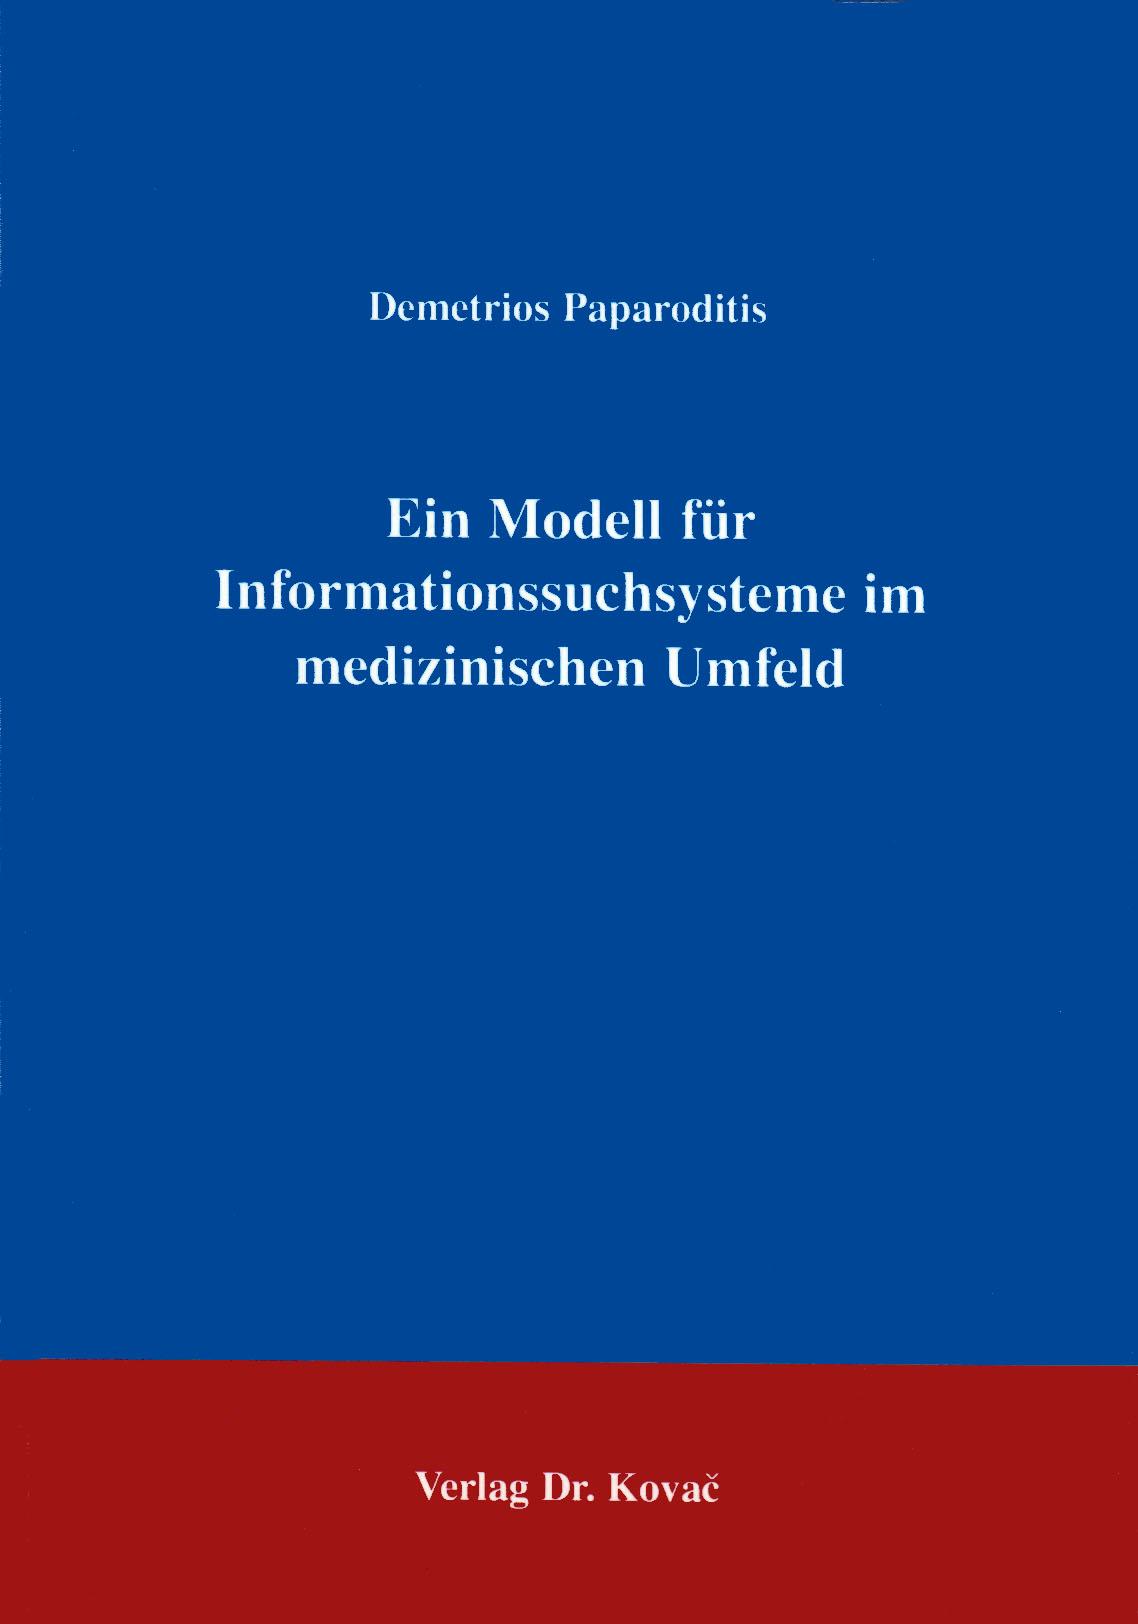 Cover: Ein Modell für  Informationssuchsysteme im medizinischen Umfeld